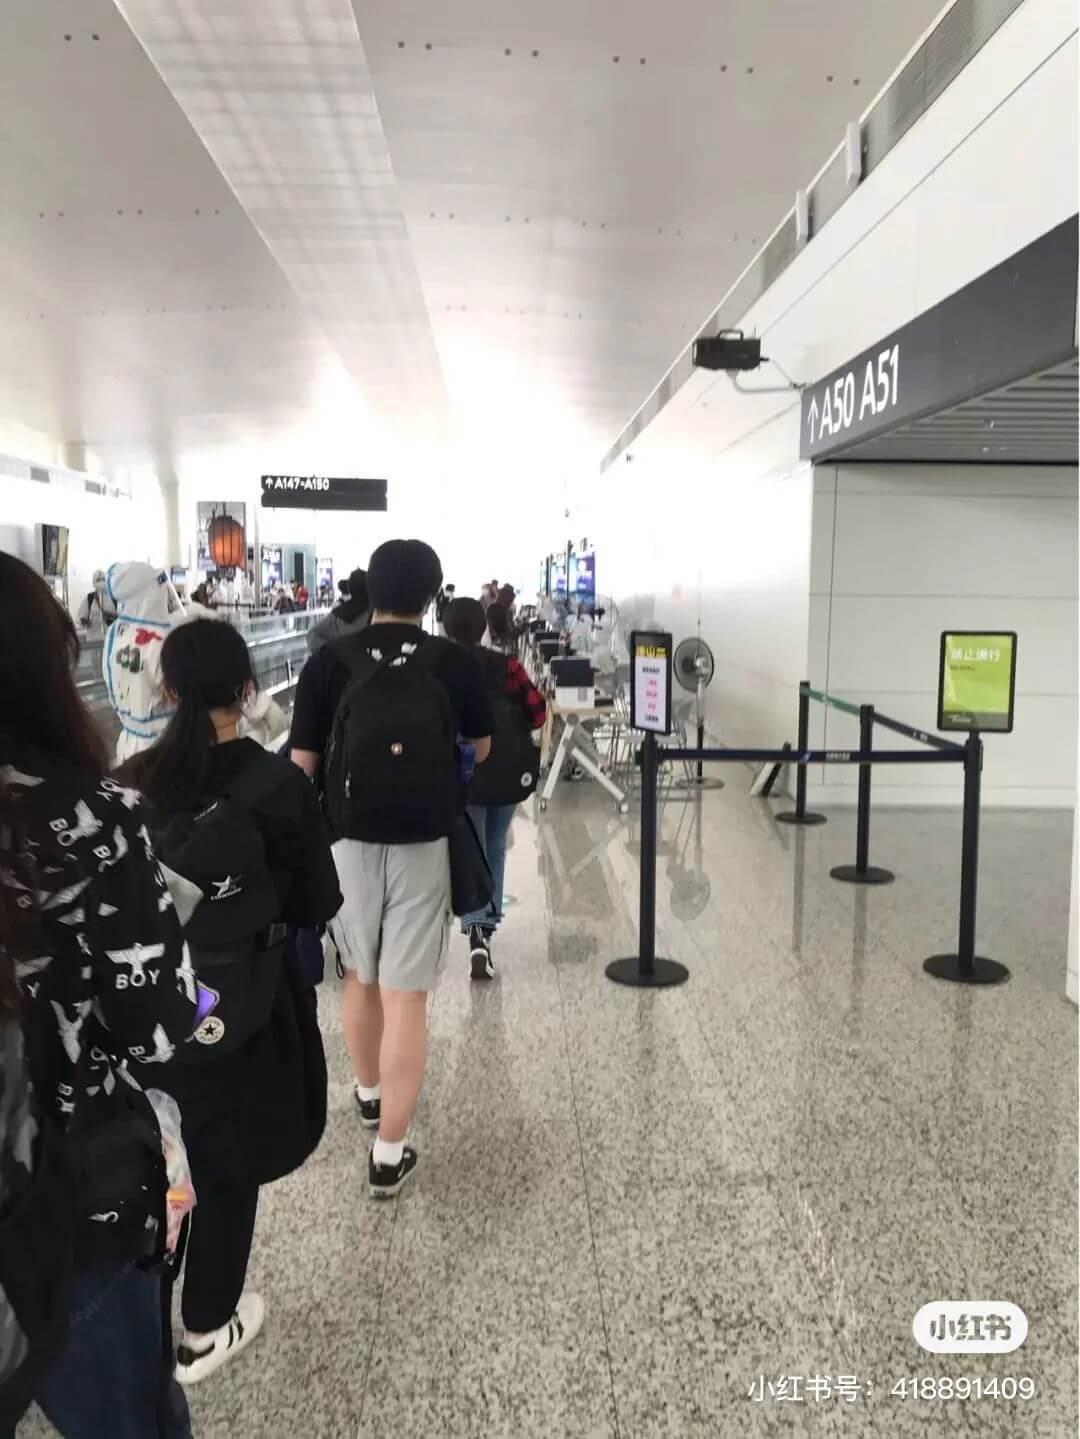 多伦多留学生亲述:核酸检测+回国全过程!